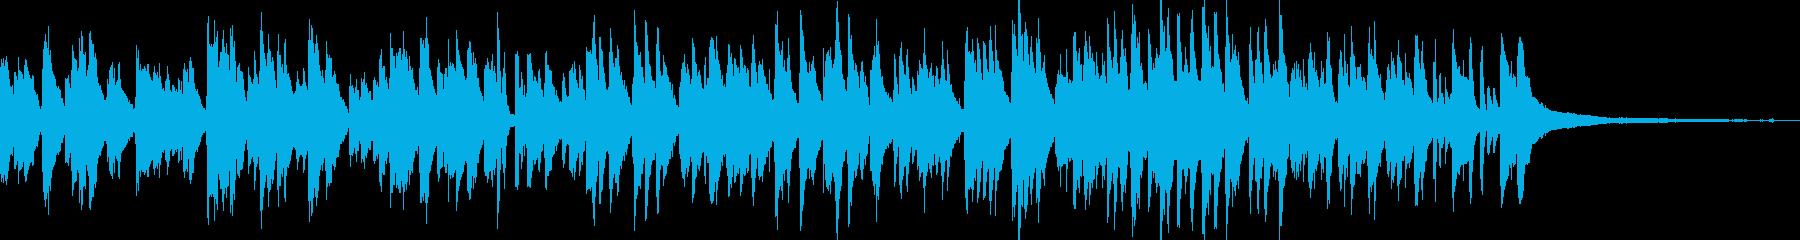 カフェラウンジ風ボサノバ/ピアノトリオの再生済みの波形